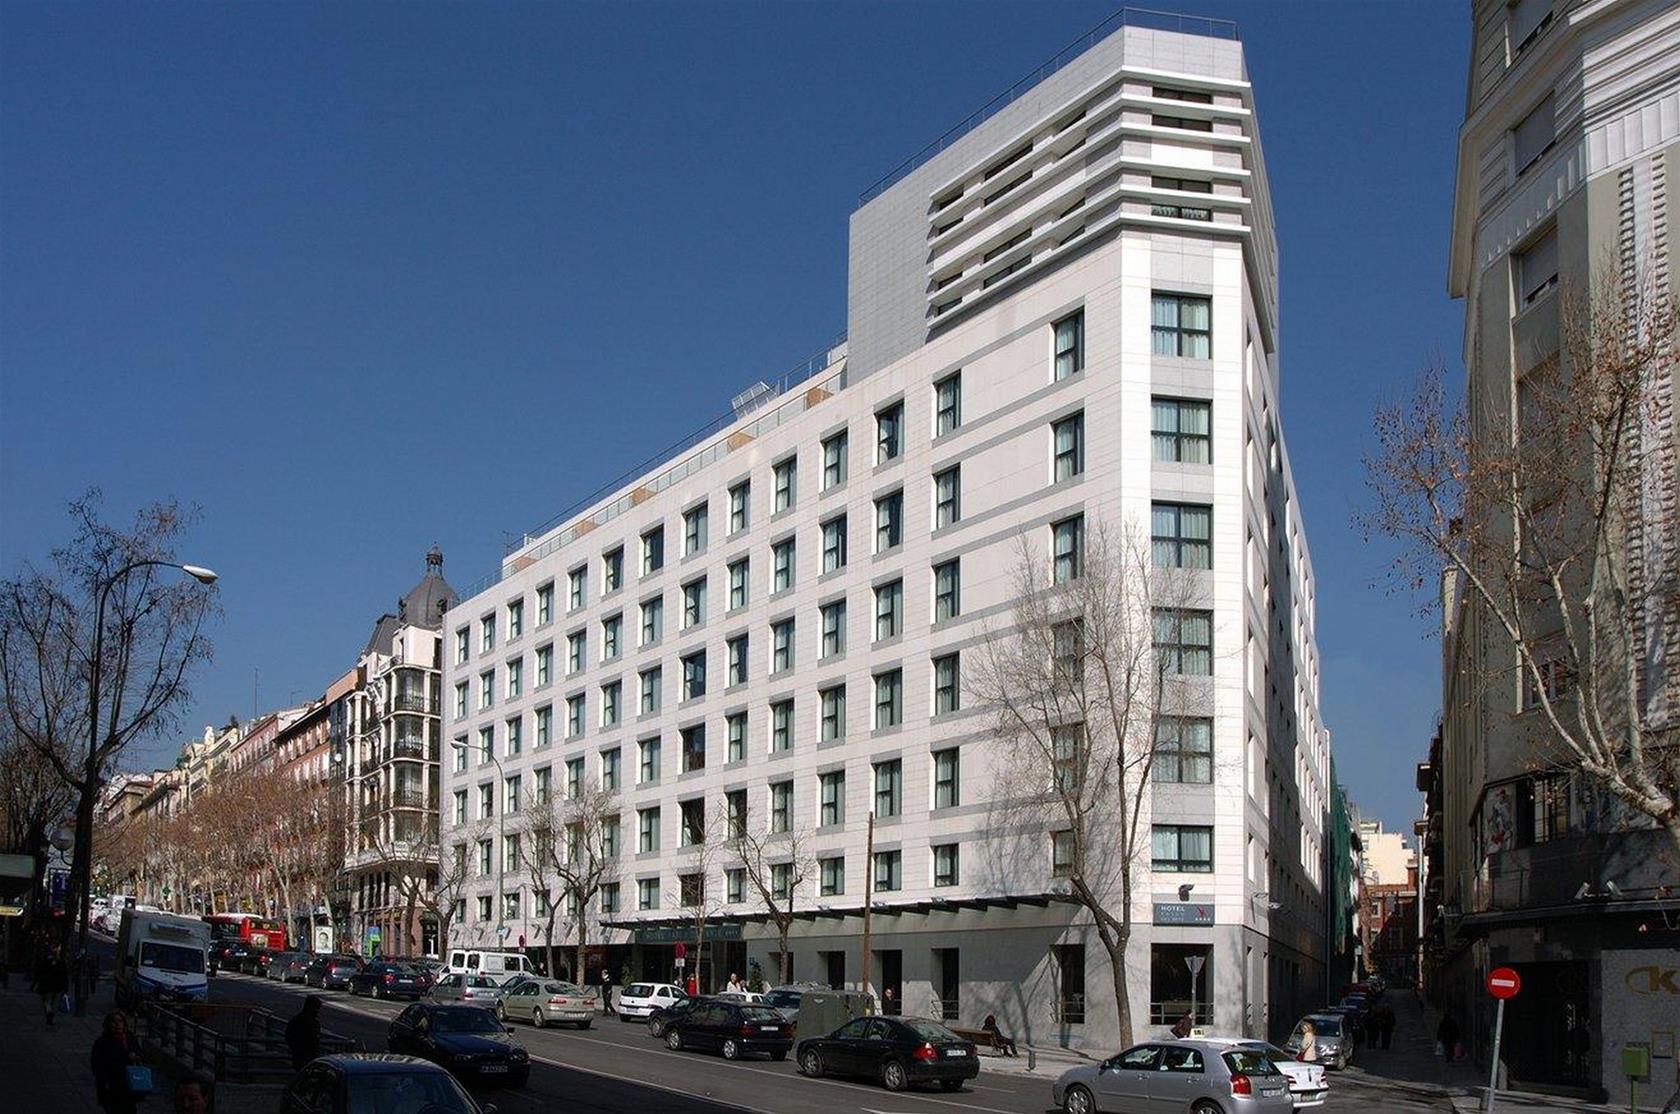 Trenes sevilla madrid desde 26 ofertas de billetes ave for Hotel calle sevilla madrid